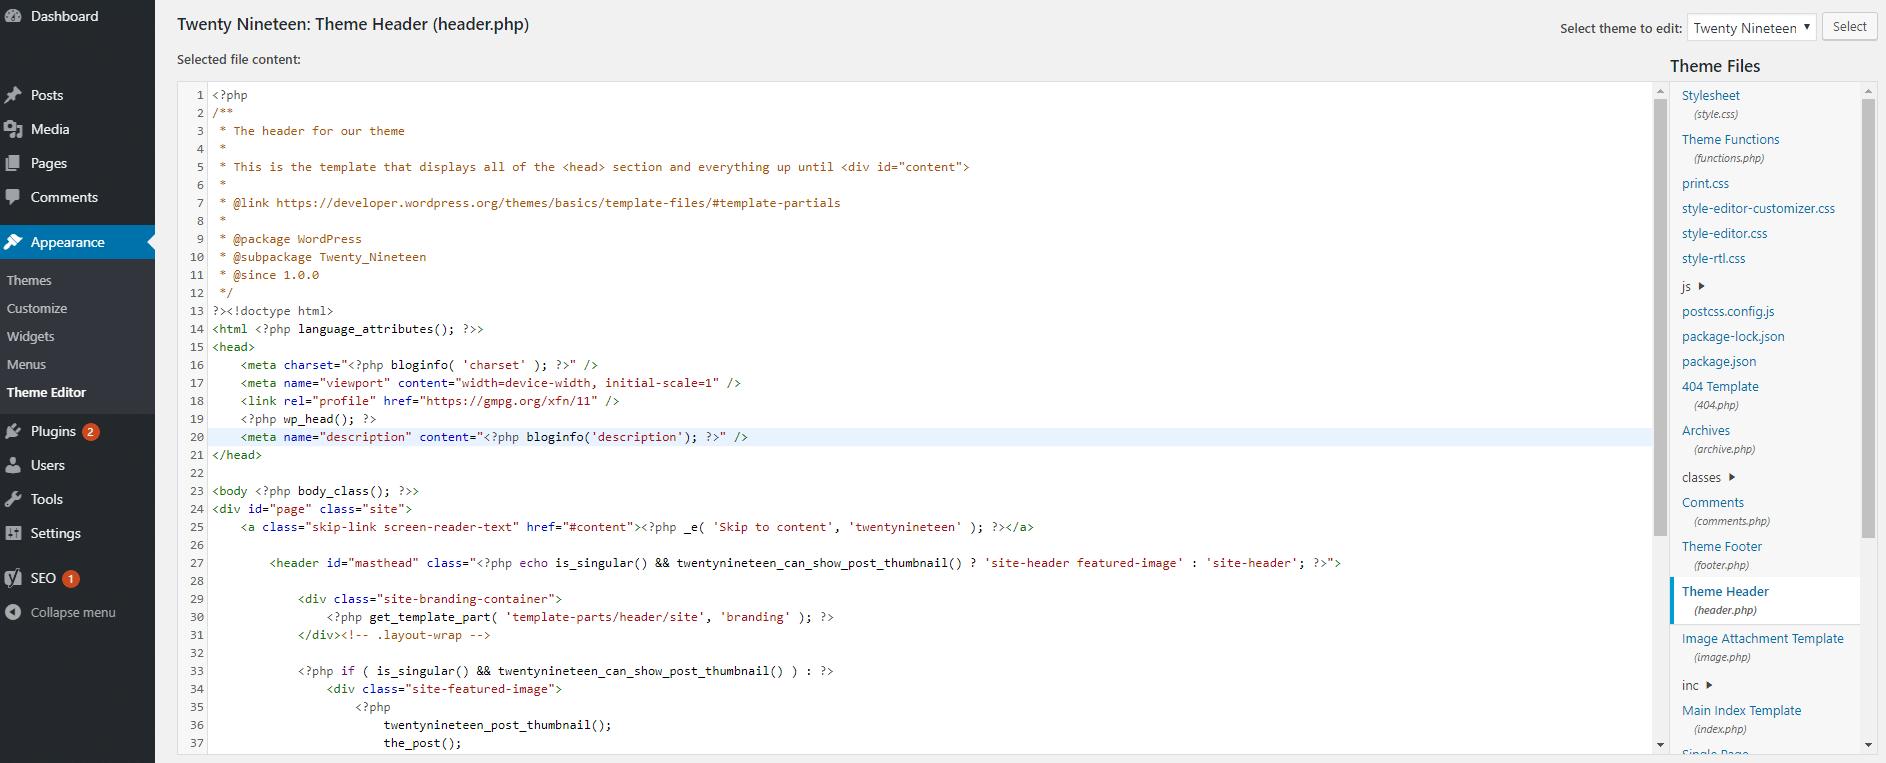 Modification des fichiers de votre thème pour ajouter une méta-description